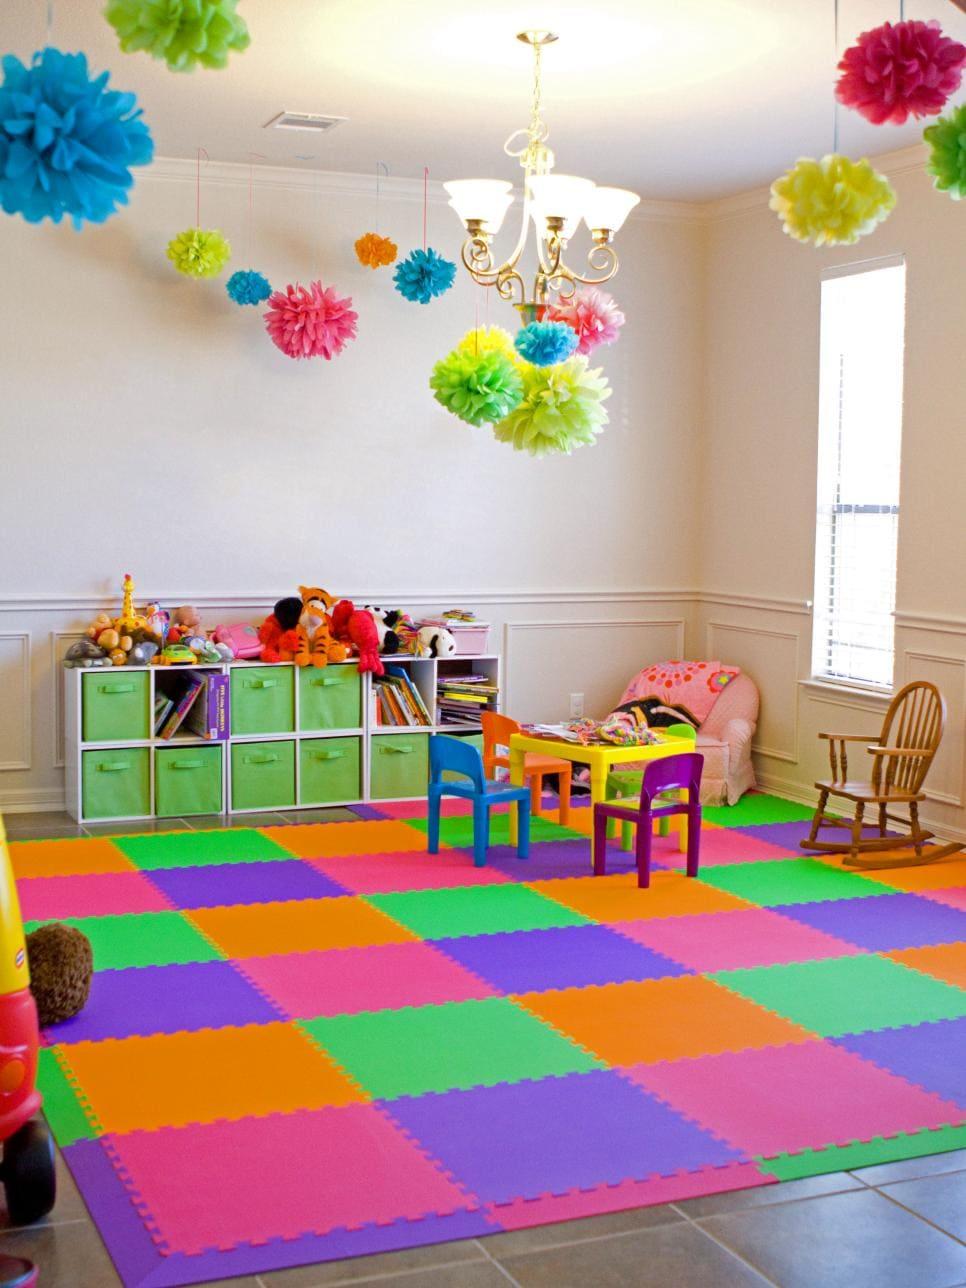 5.Simphome.com Kids' Bedroom Flooring Project Idea